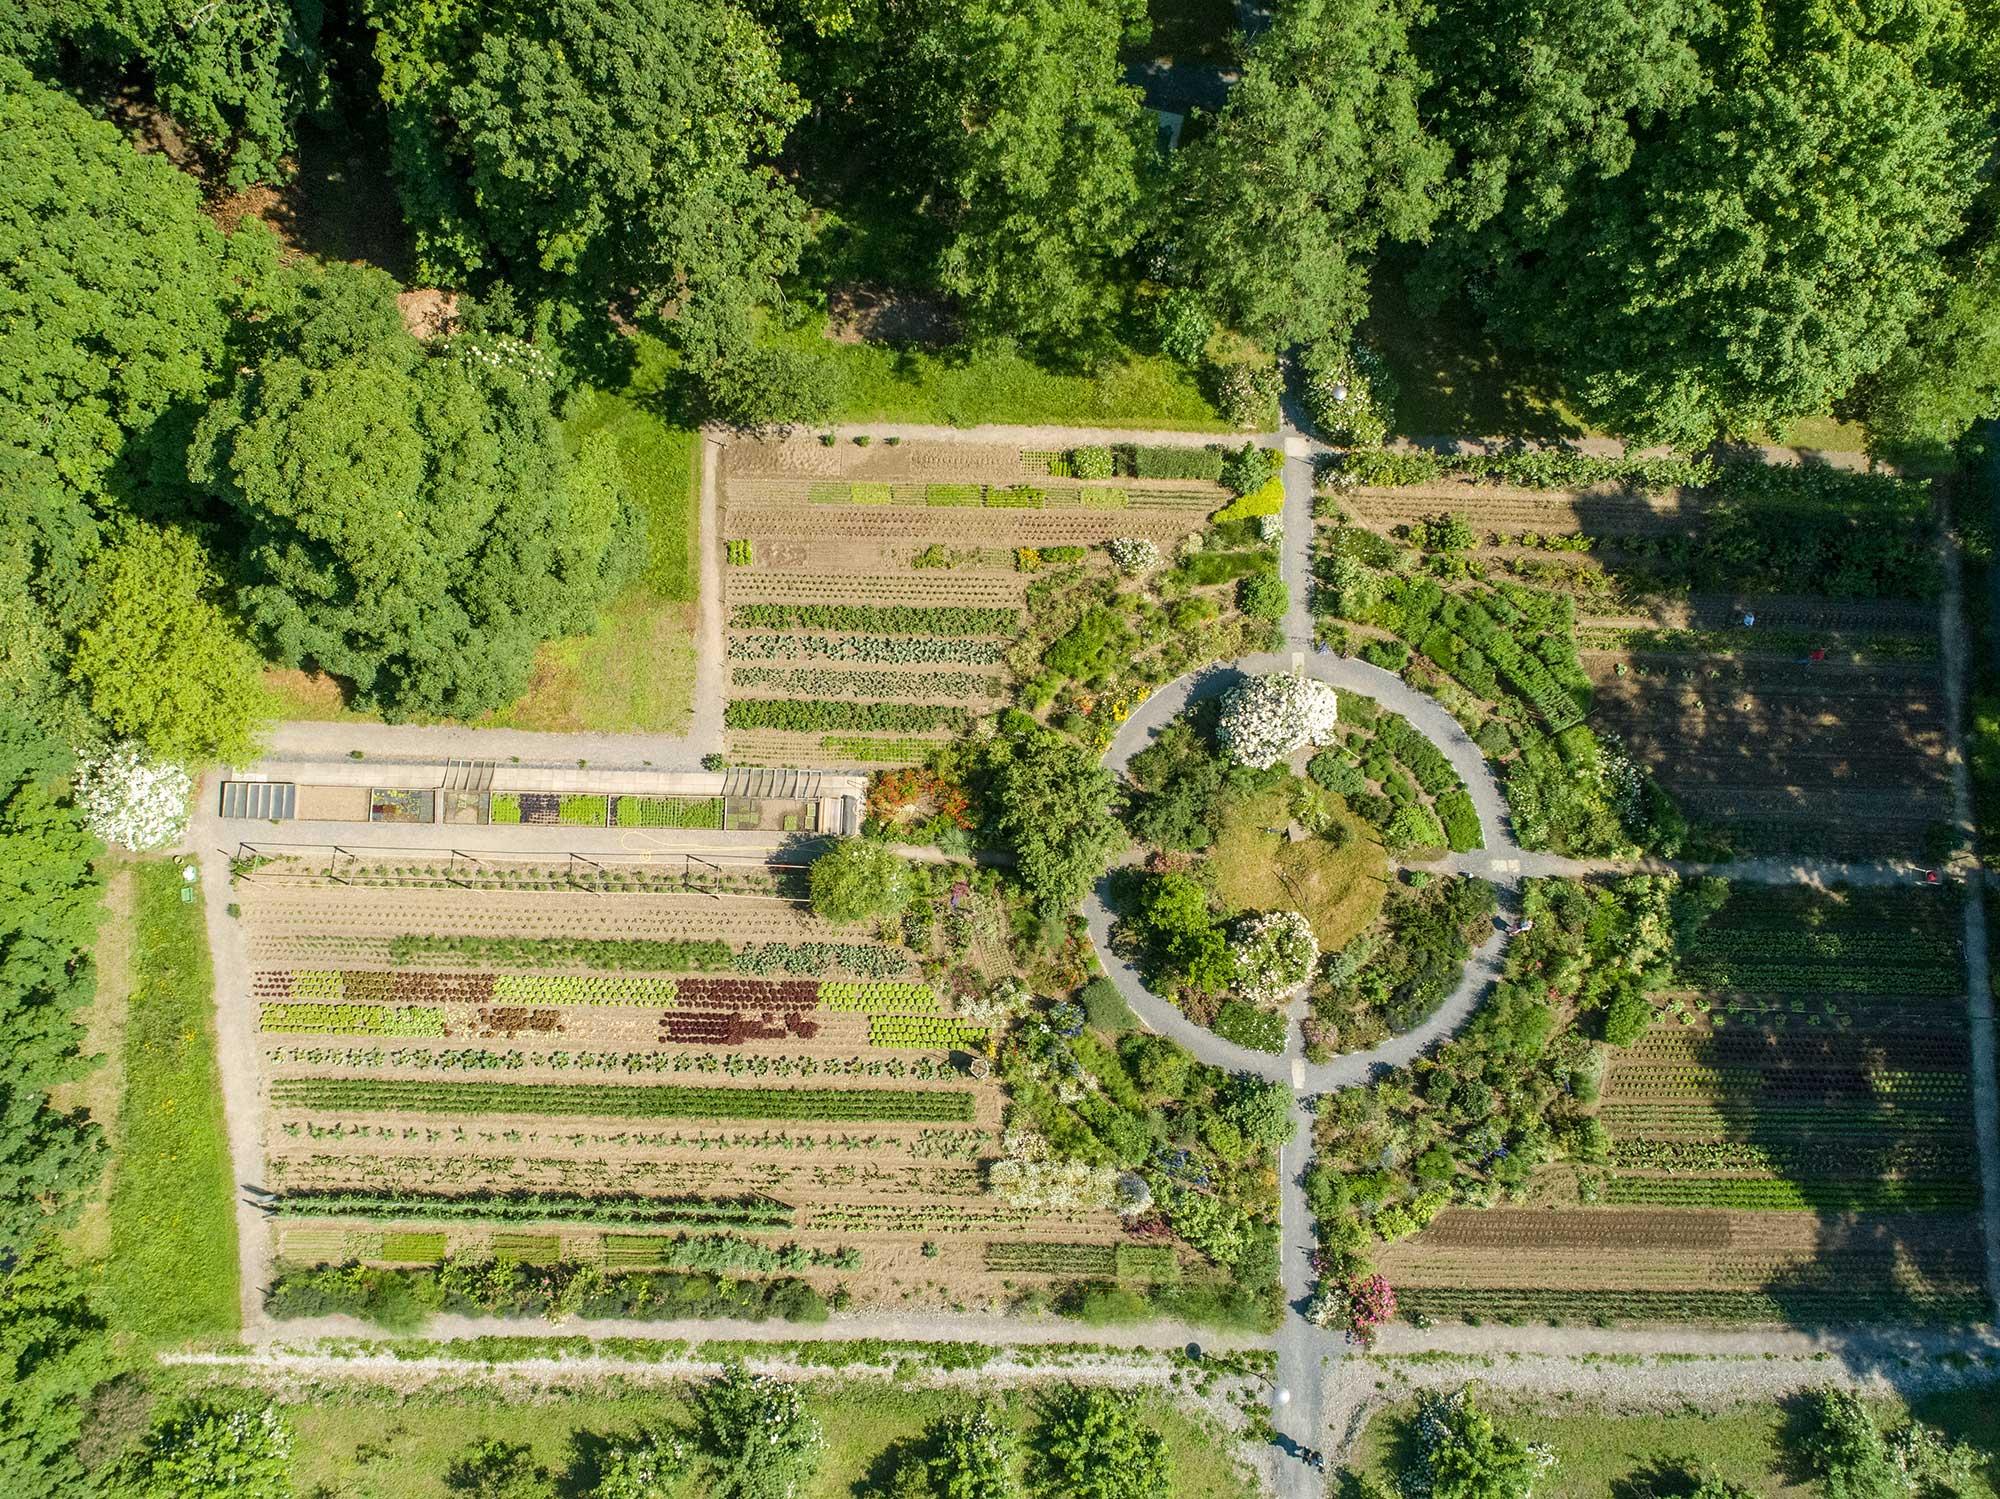 Der biodynamische Schlossgarten